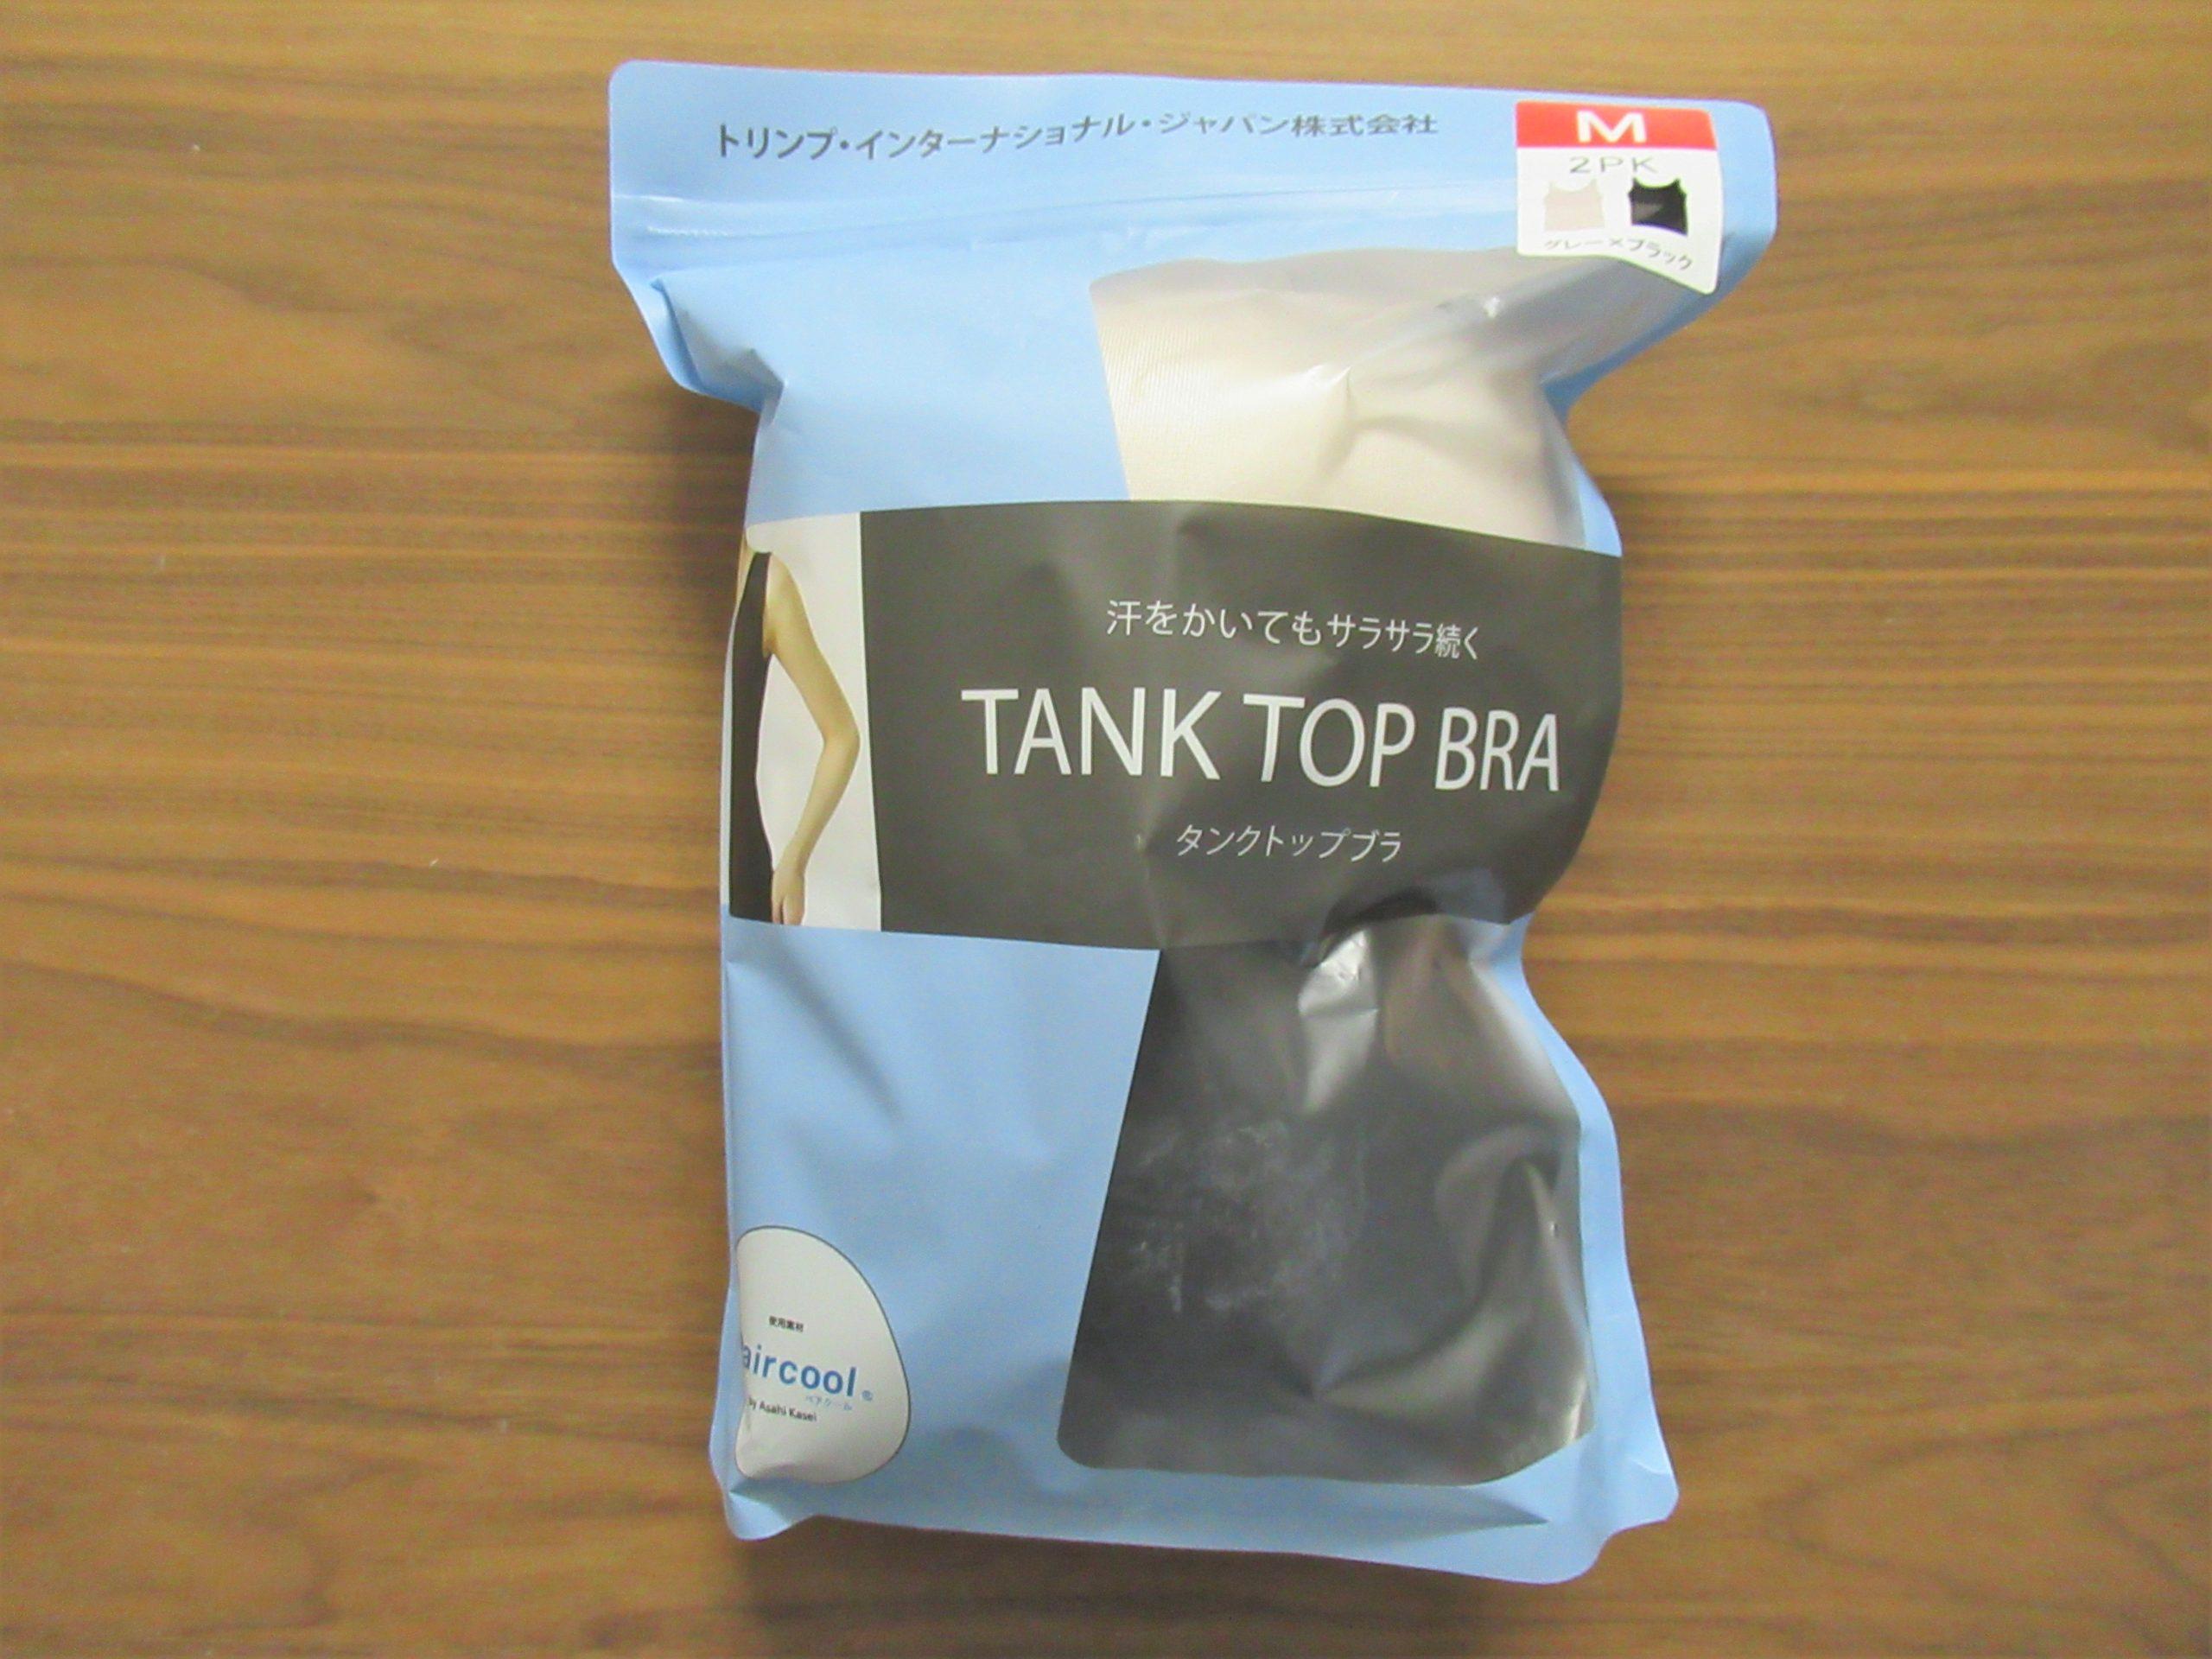 トリンプ「タンクトップブラ」今年も2枚で1,898円!楽で快適おすすめインナー|ラク家事ブログ